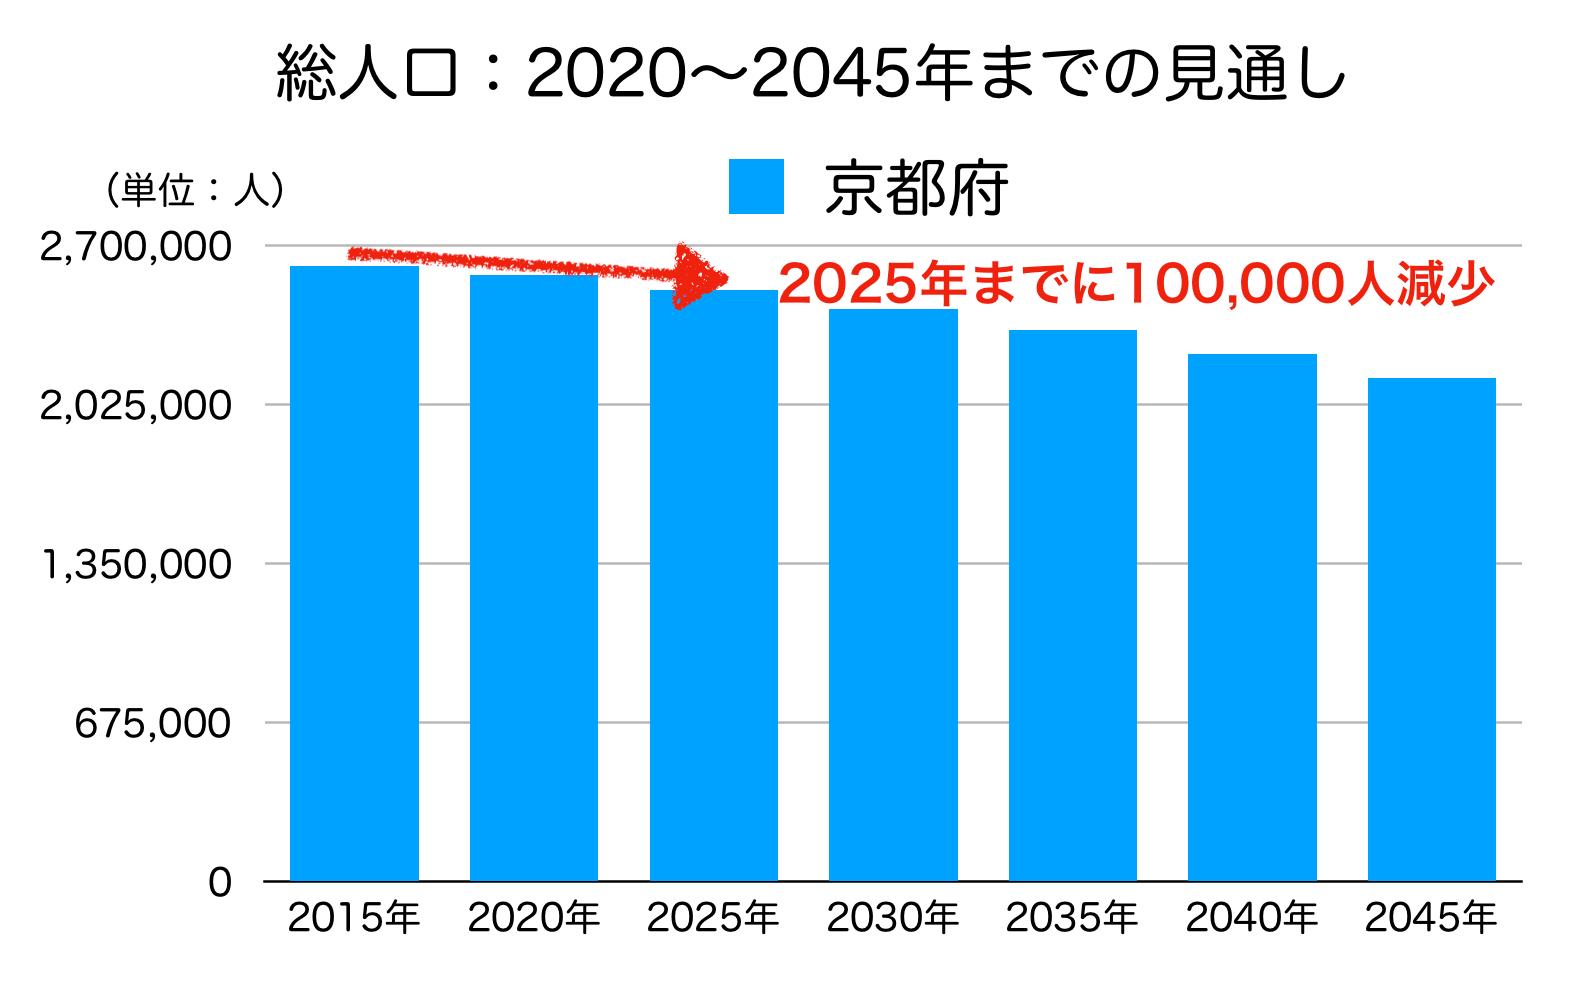 京都府の人口予測